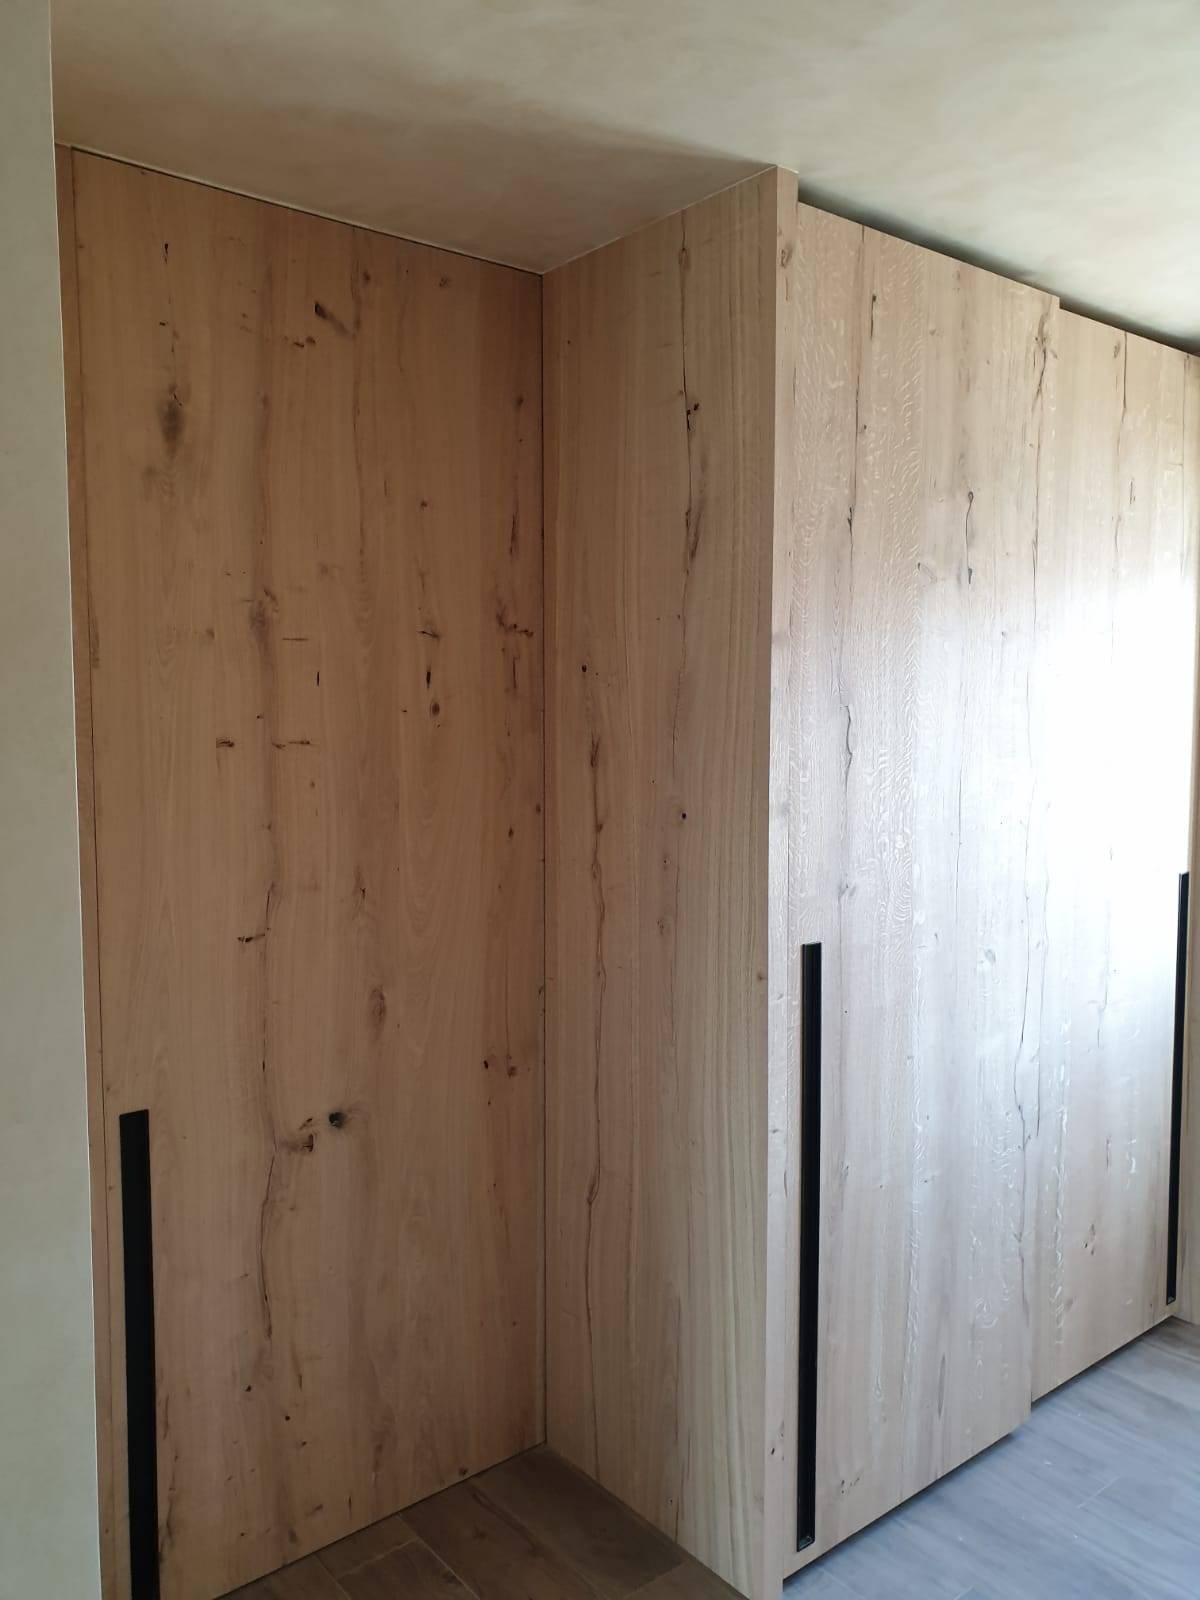 decoracion-rosa-lopez-decoradora-interiores-madera-mobiliario-pared-microcemento3